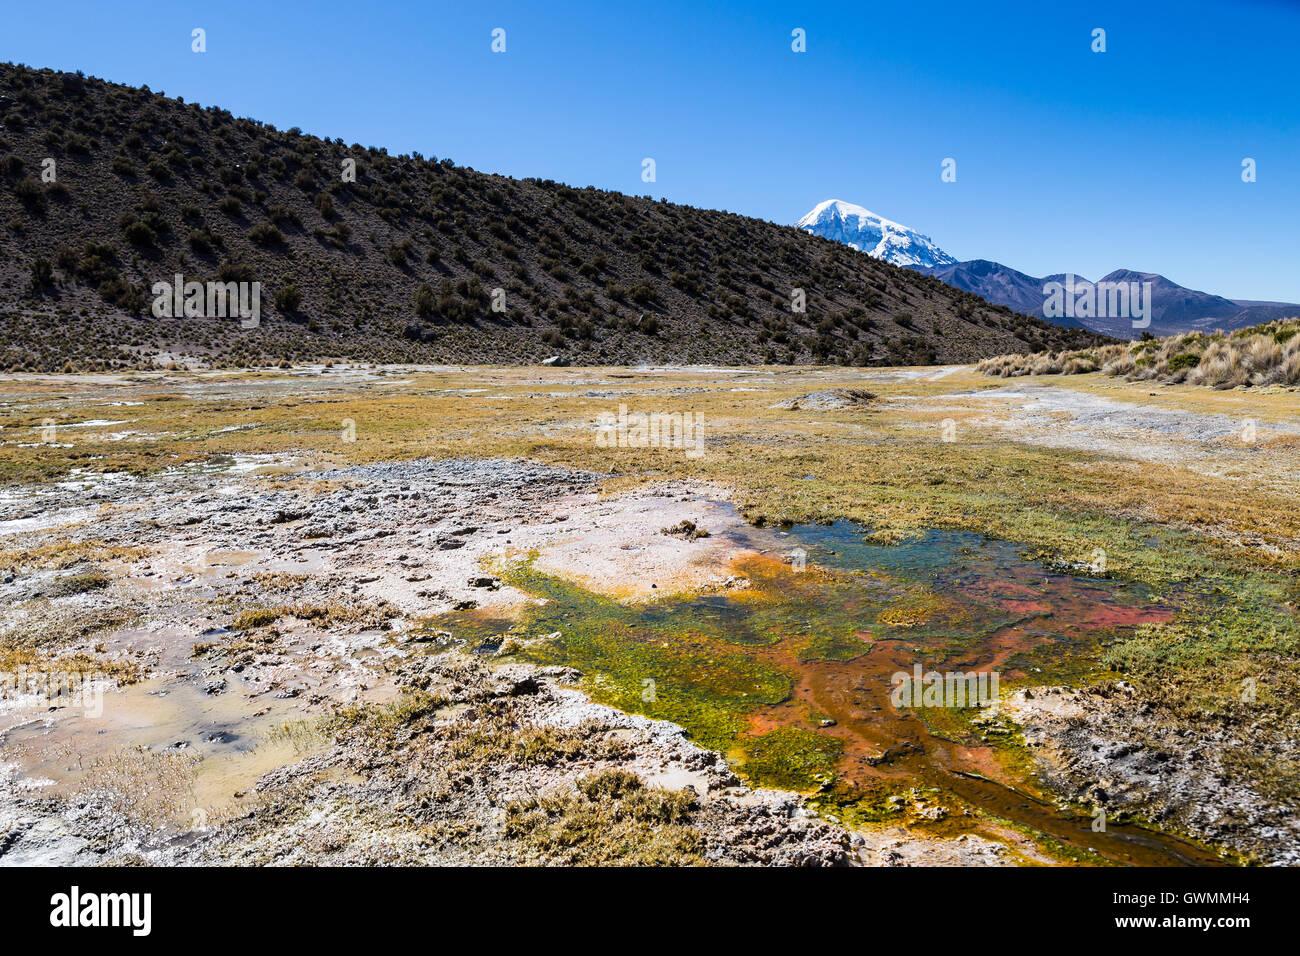 Géiseres andinos. Junthuma géiseres, formado por la actividad geotérmica. Bolivia. Las piscinas termales Imagen De Stock